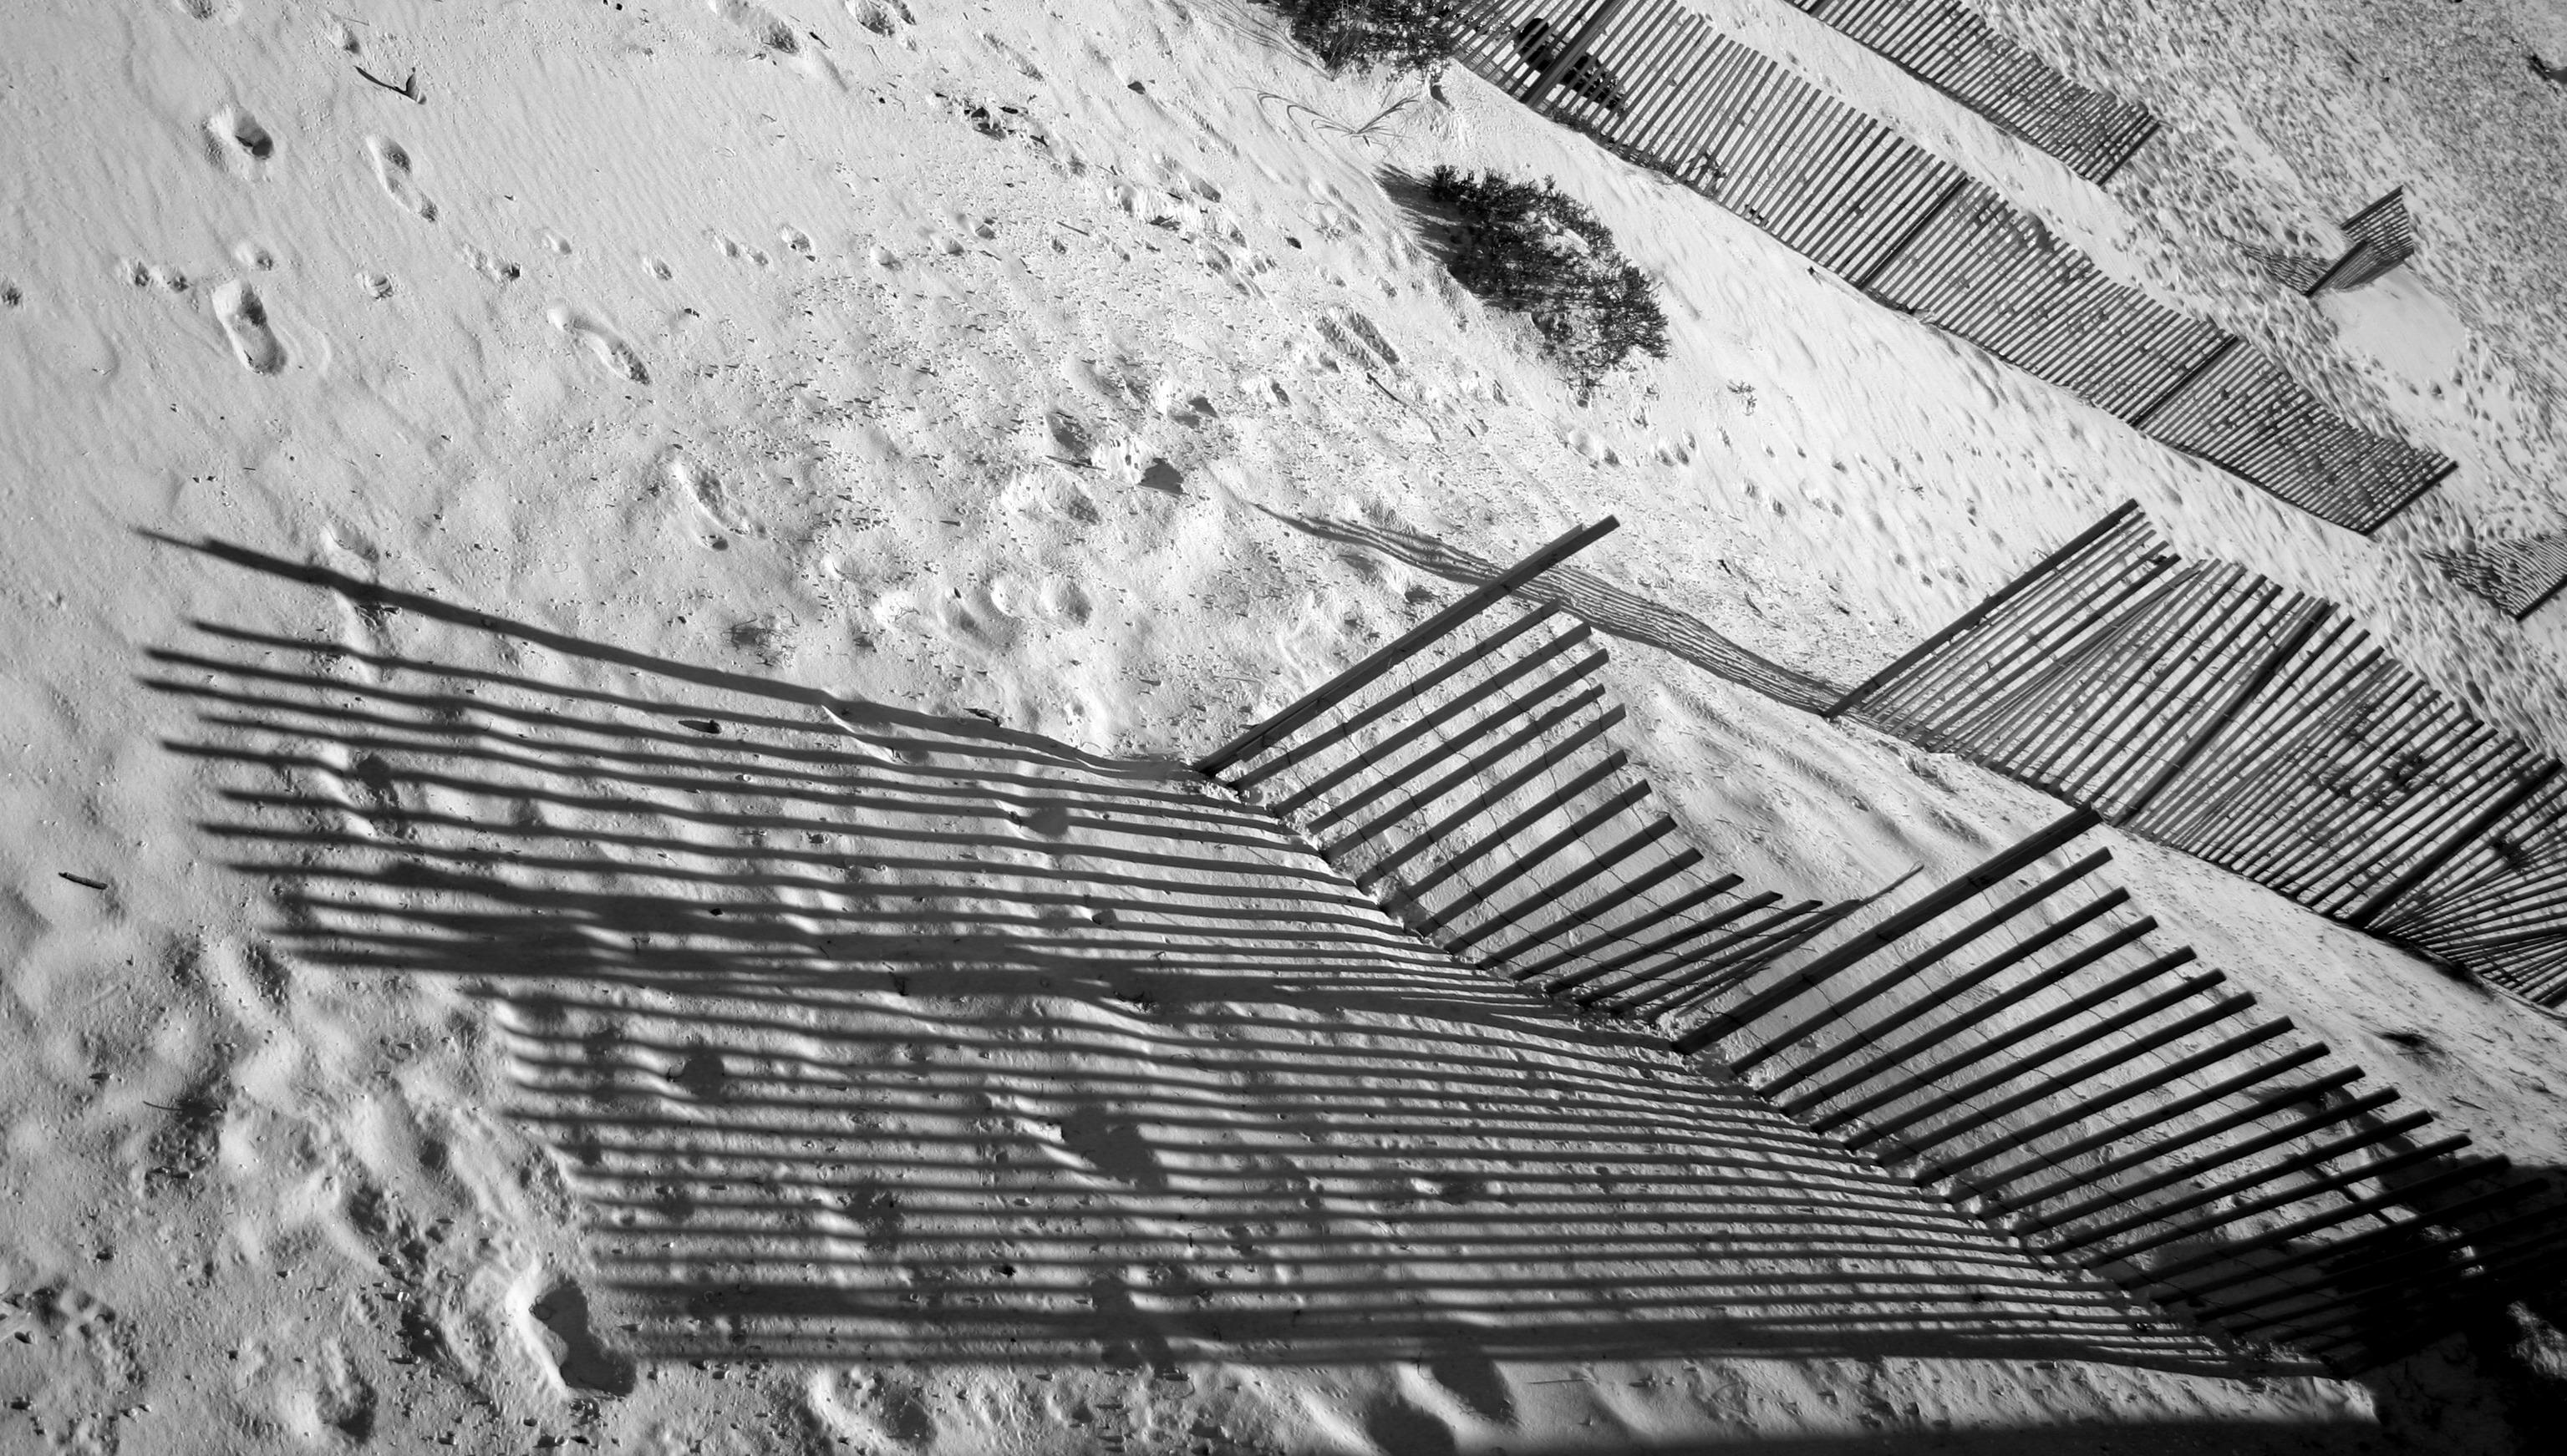 Gambar Pemandangan Salju Hitam Dan Putih Kayu Tekstur